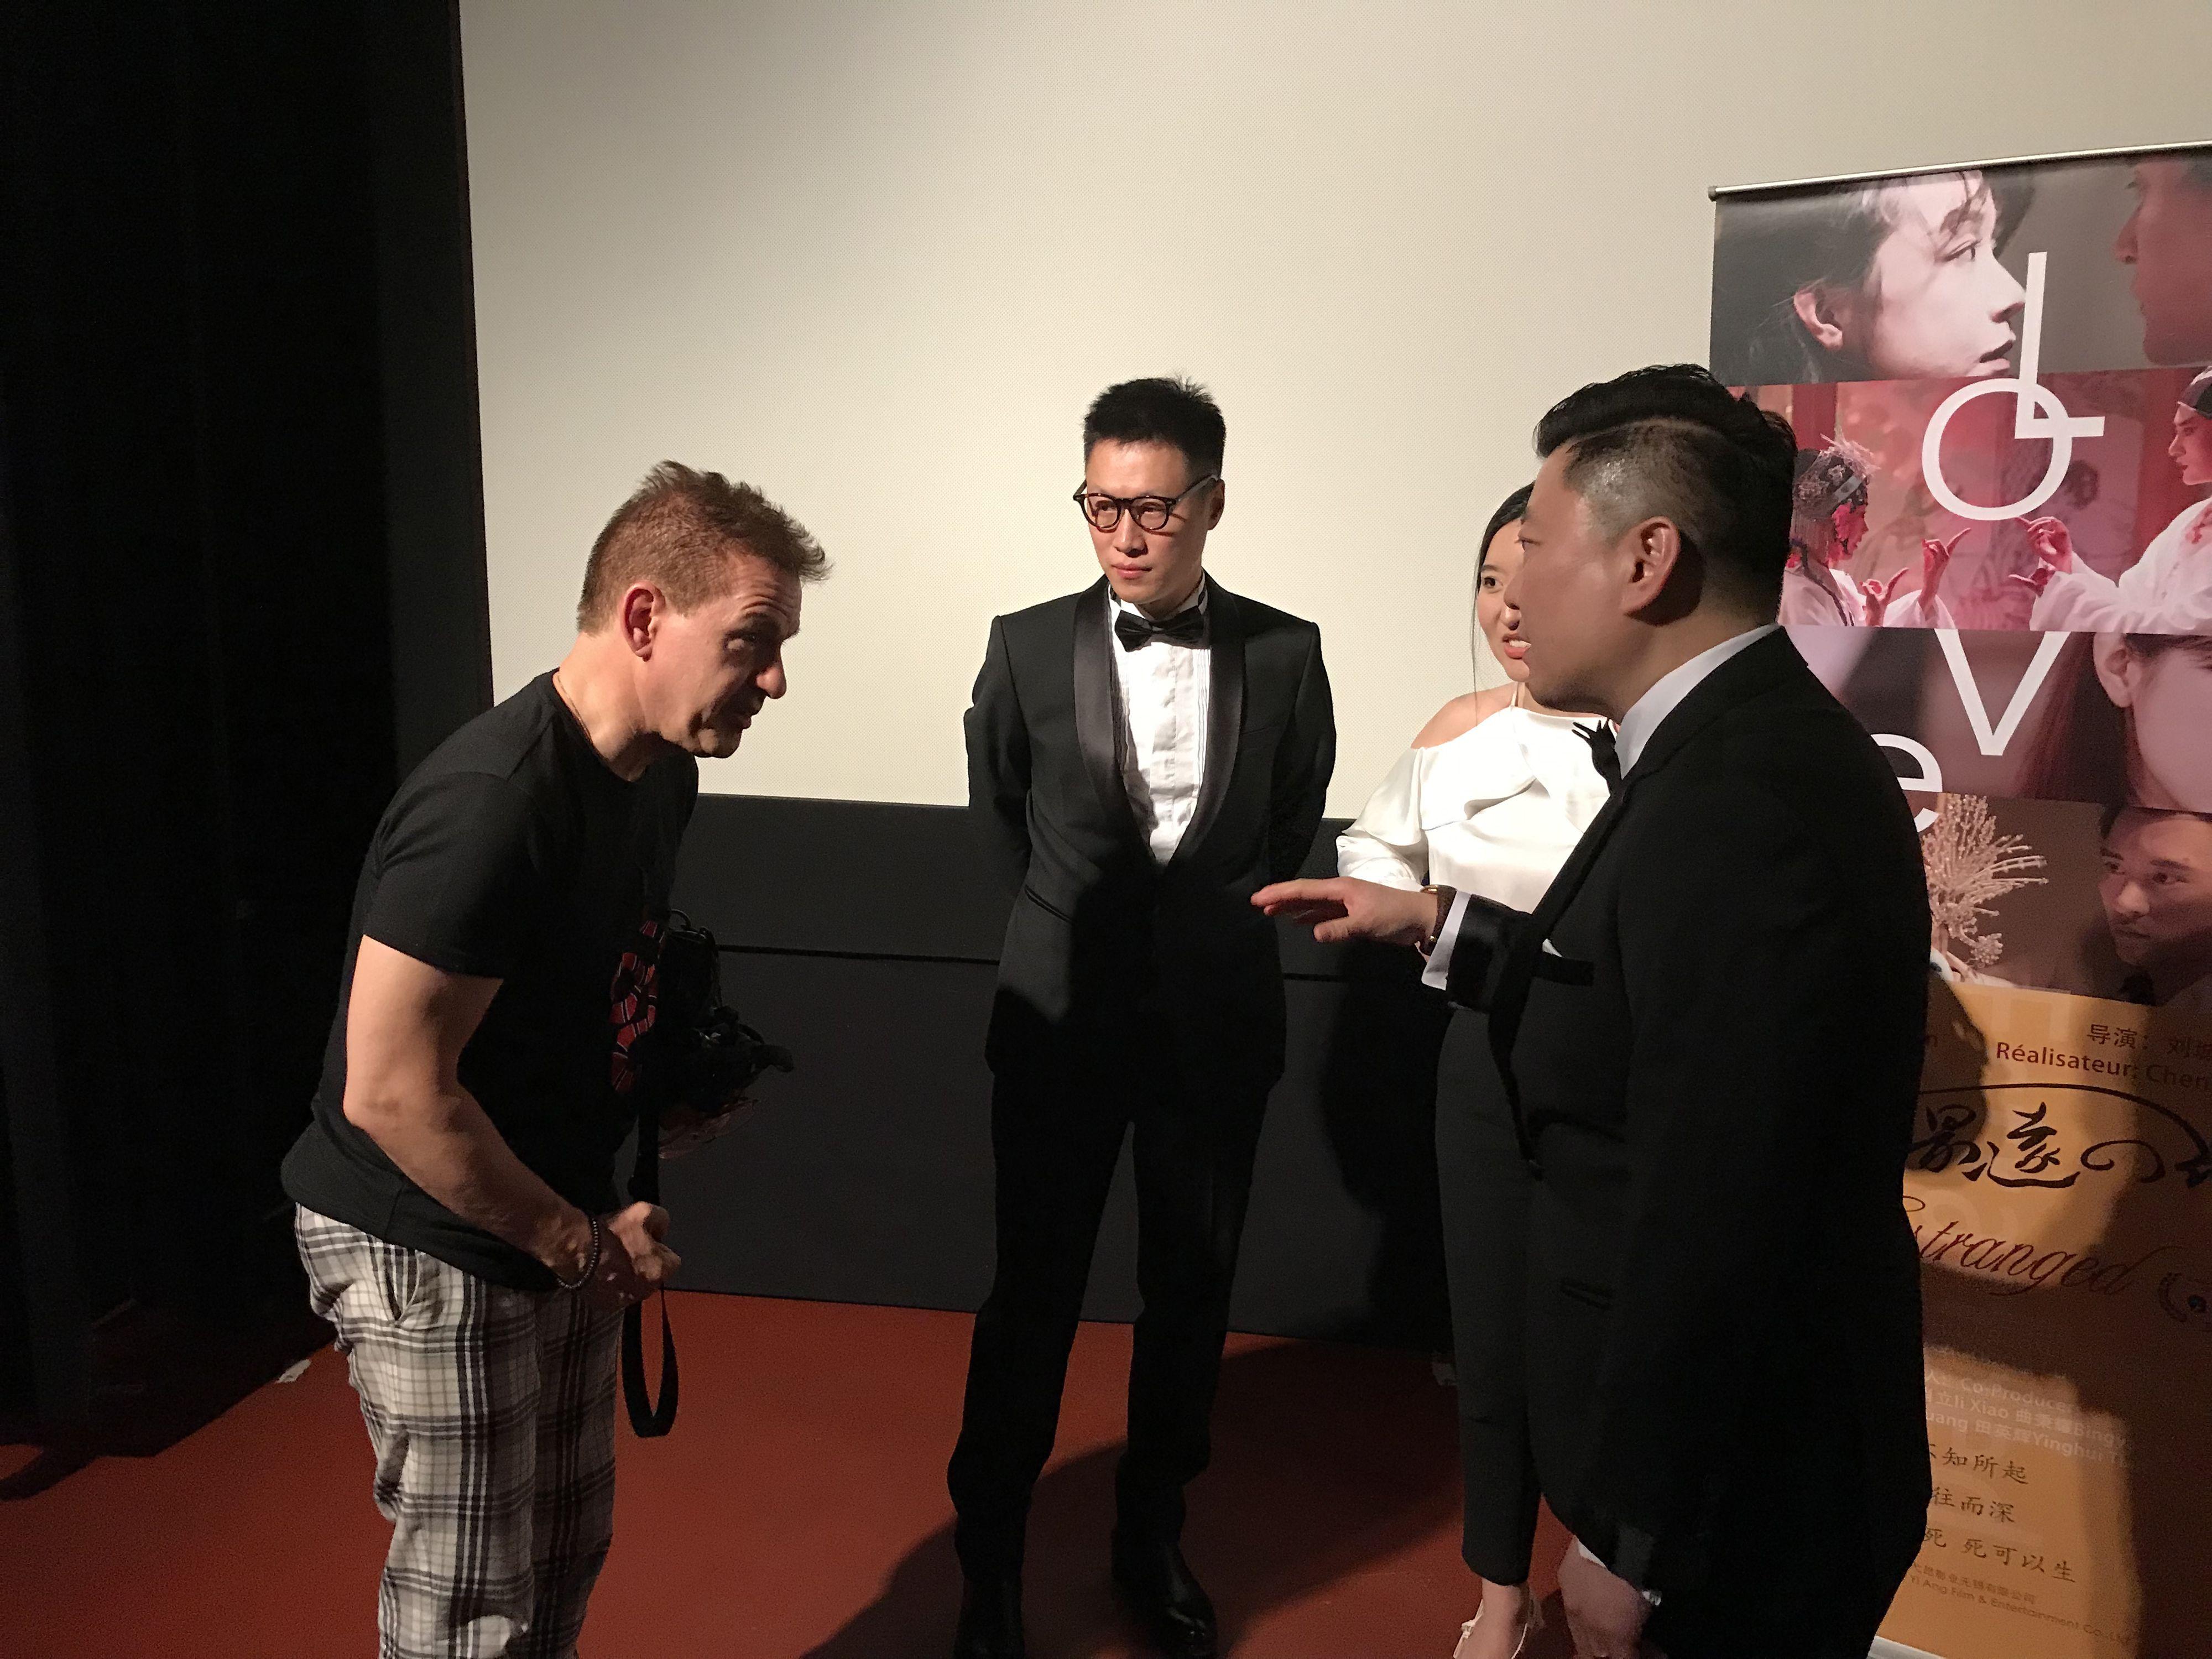 《最近最远的你》制片人阎康、导演刘城铭与外国影人交流.jpg